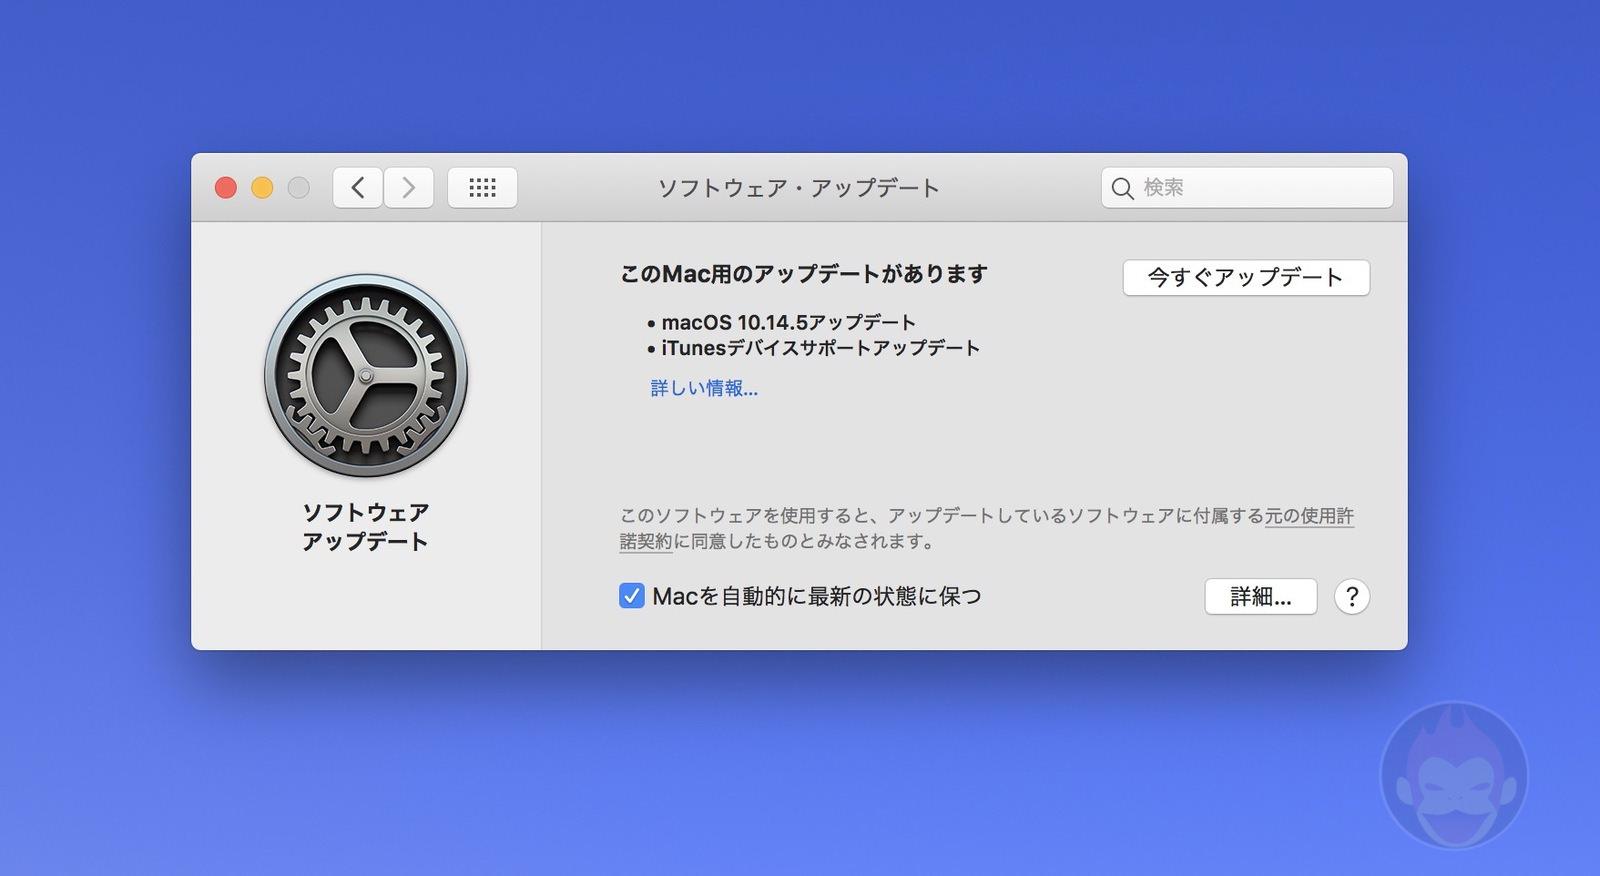 macOS-Mojave-10-14-5-01.jpg